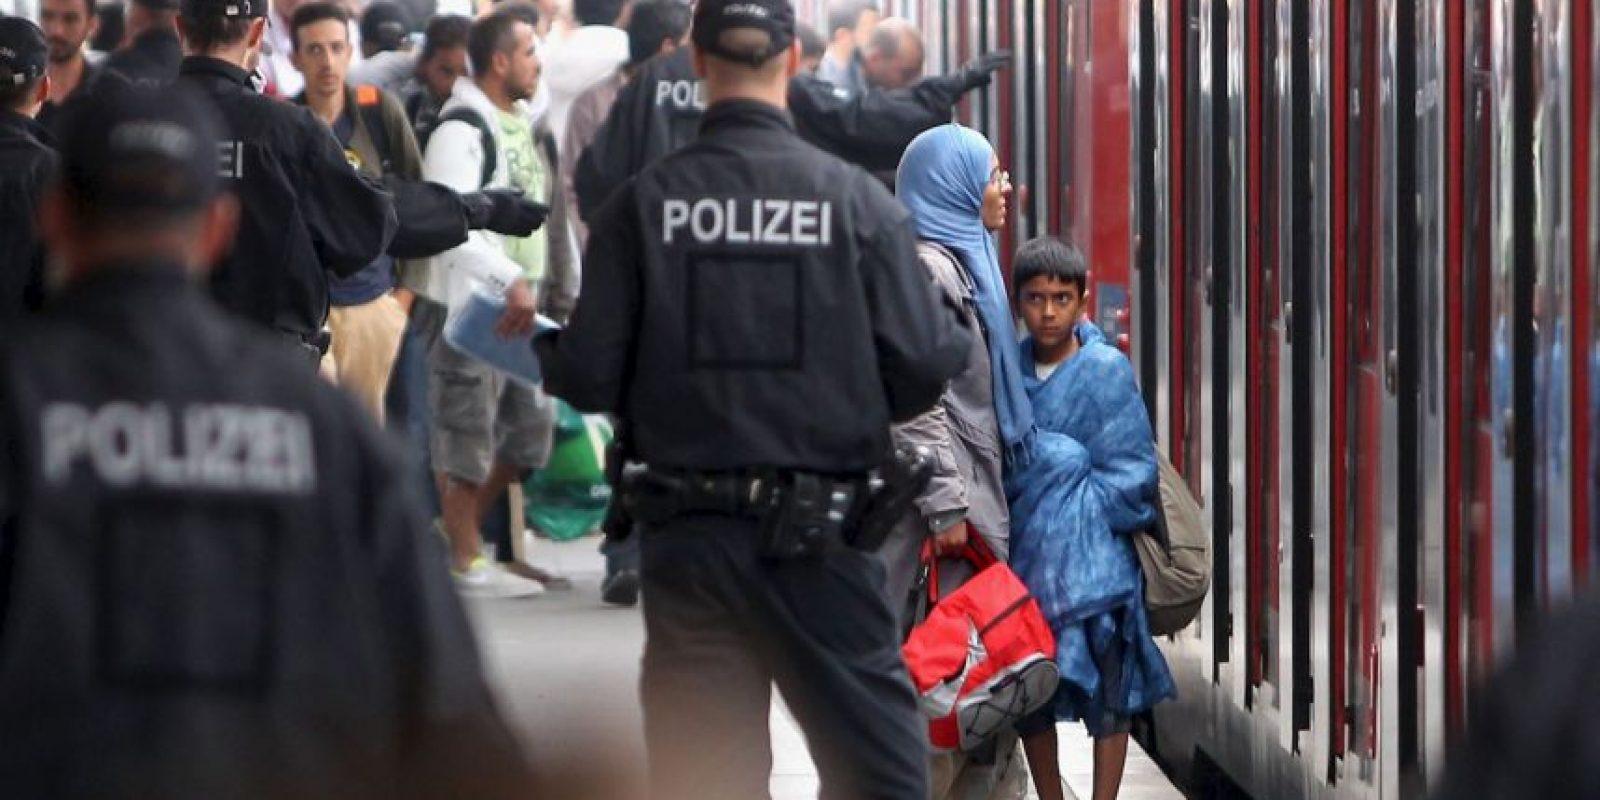 Algunos ciudadanos de estos países se acercaron a ayudarles Foto:Getty Images